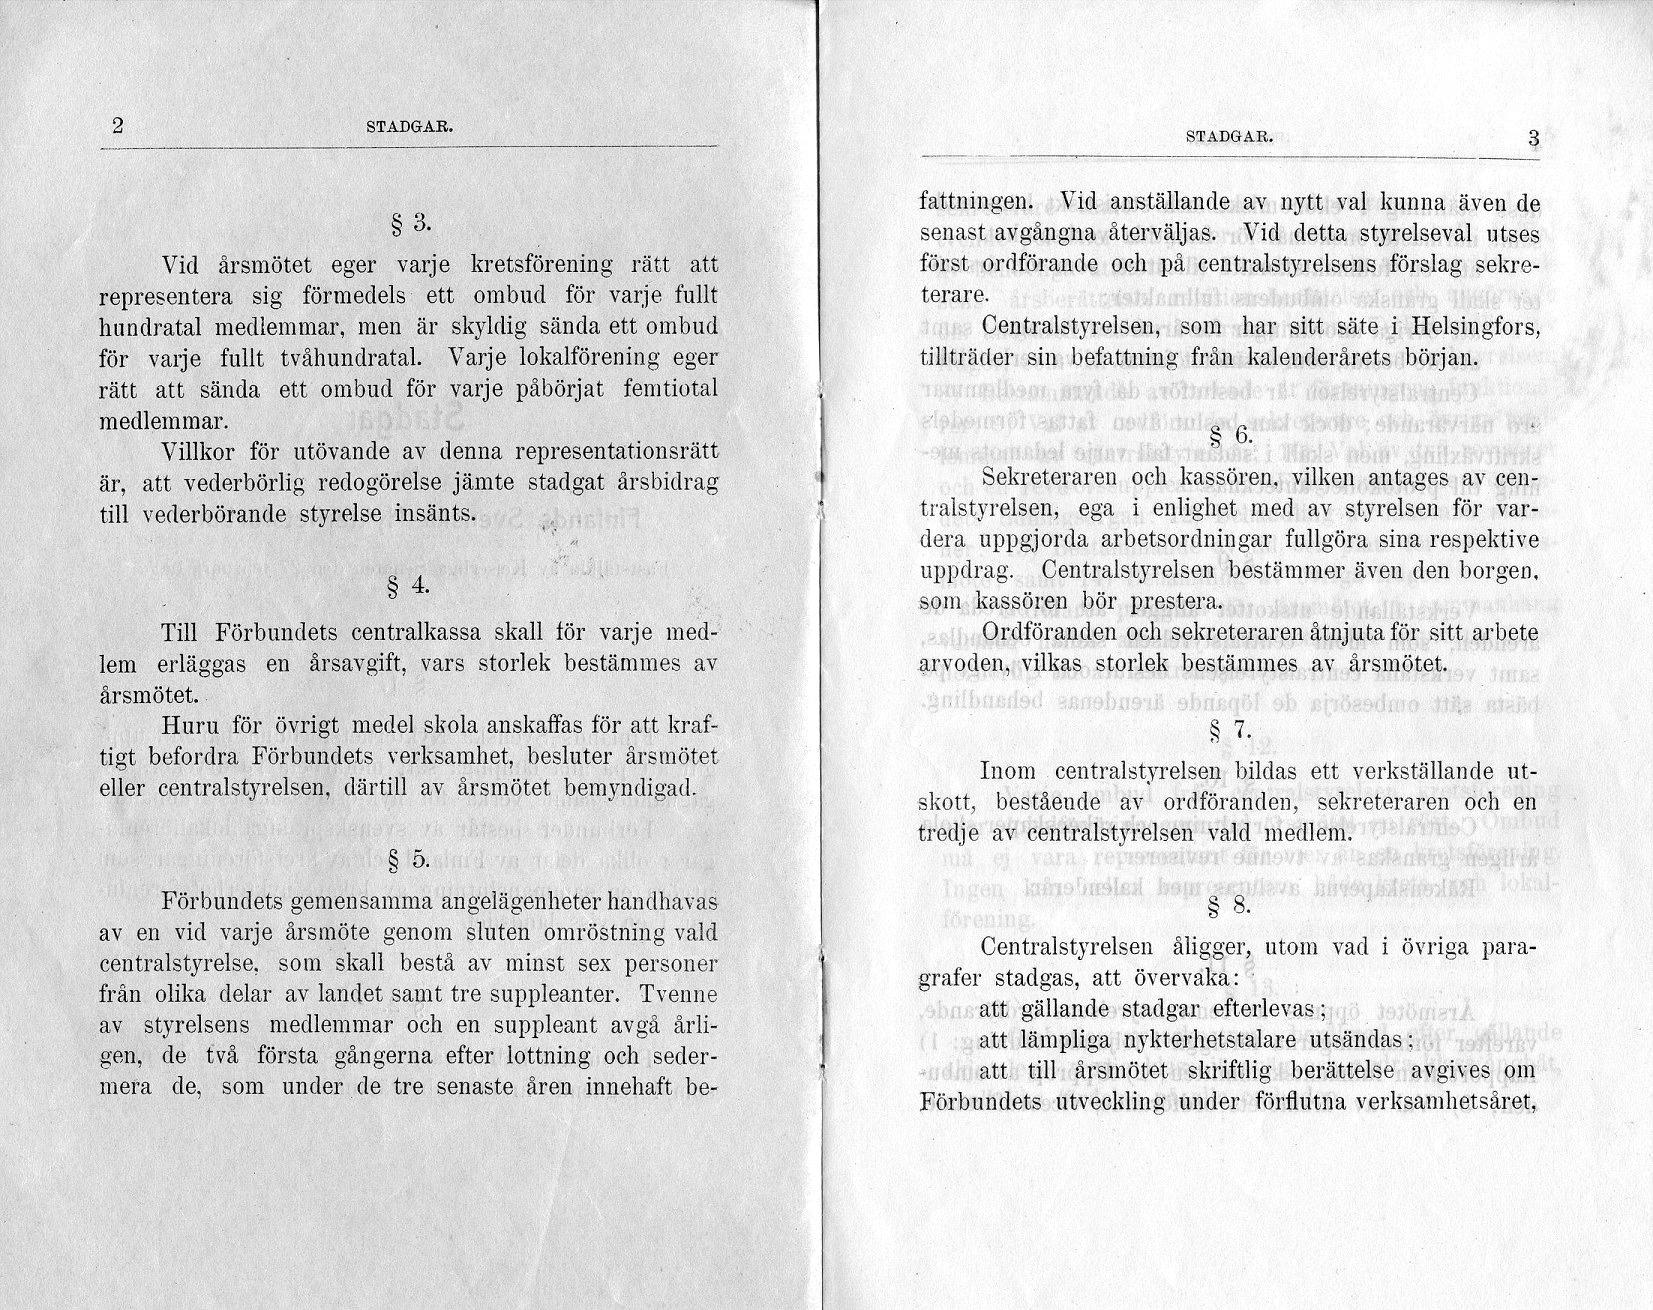 Stadgar sid 2 och 3